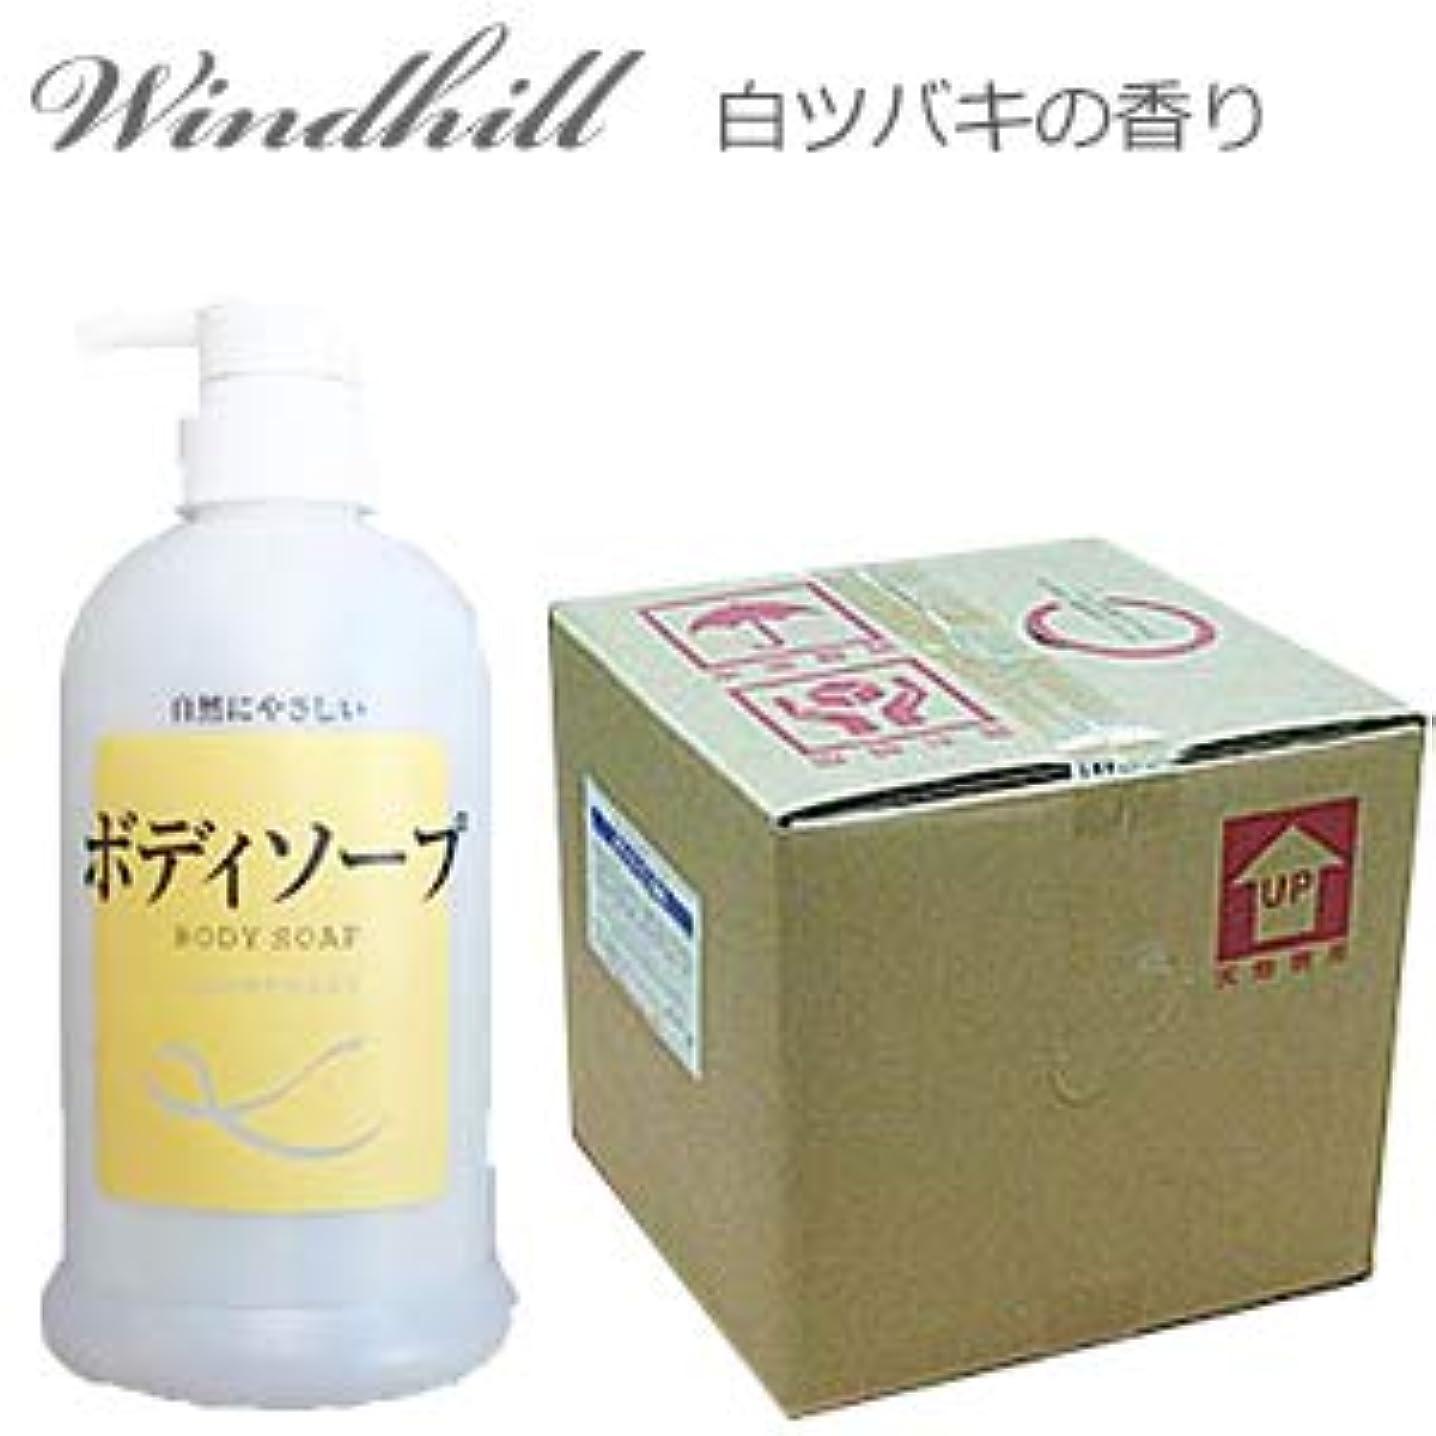 汚染傾向がありますタヒチなんと! 500ml当り175円 Windhill 植物性 業務用 ボディソープ  白ツバキの香り 20L